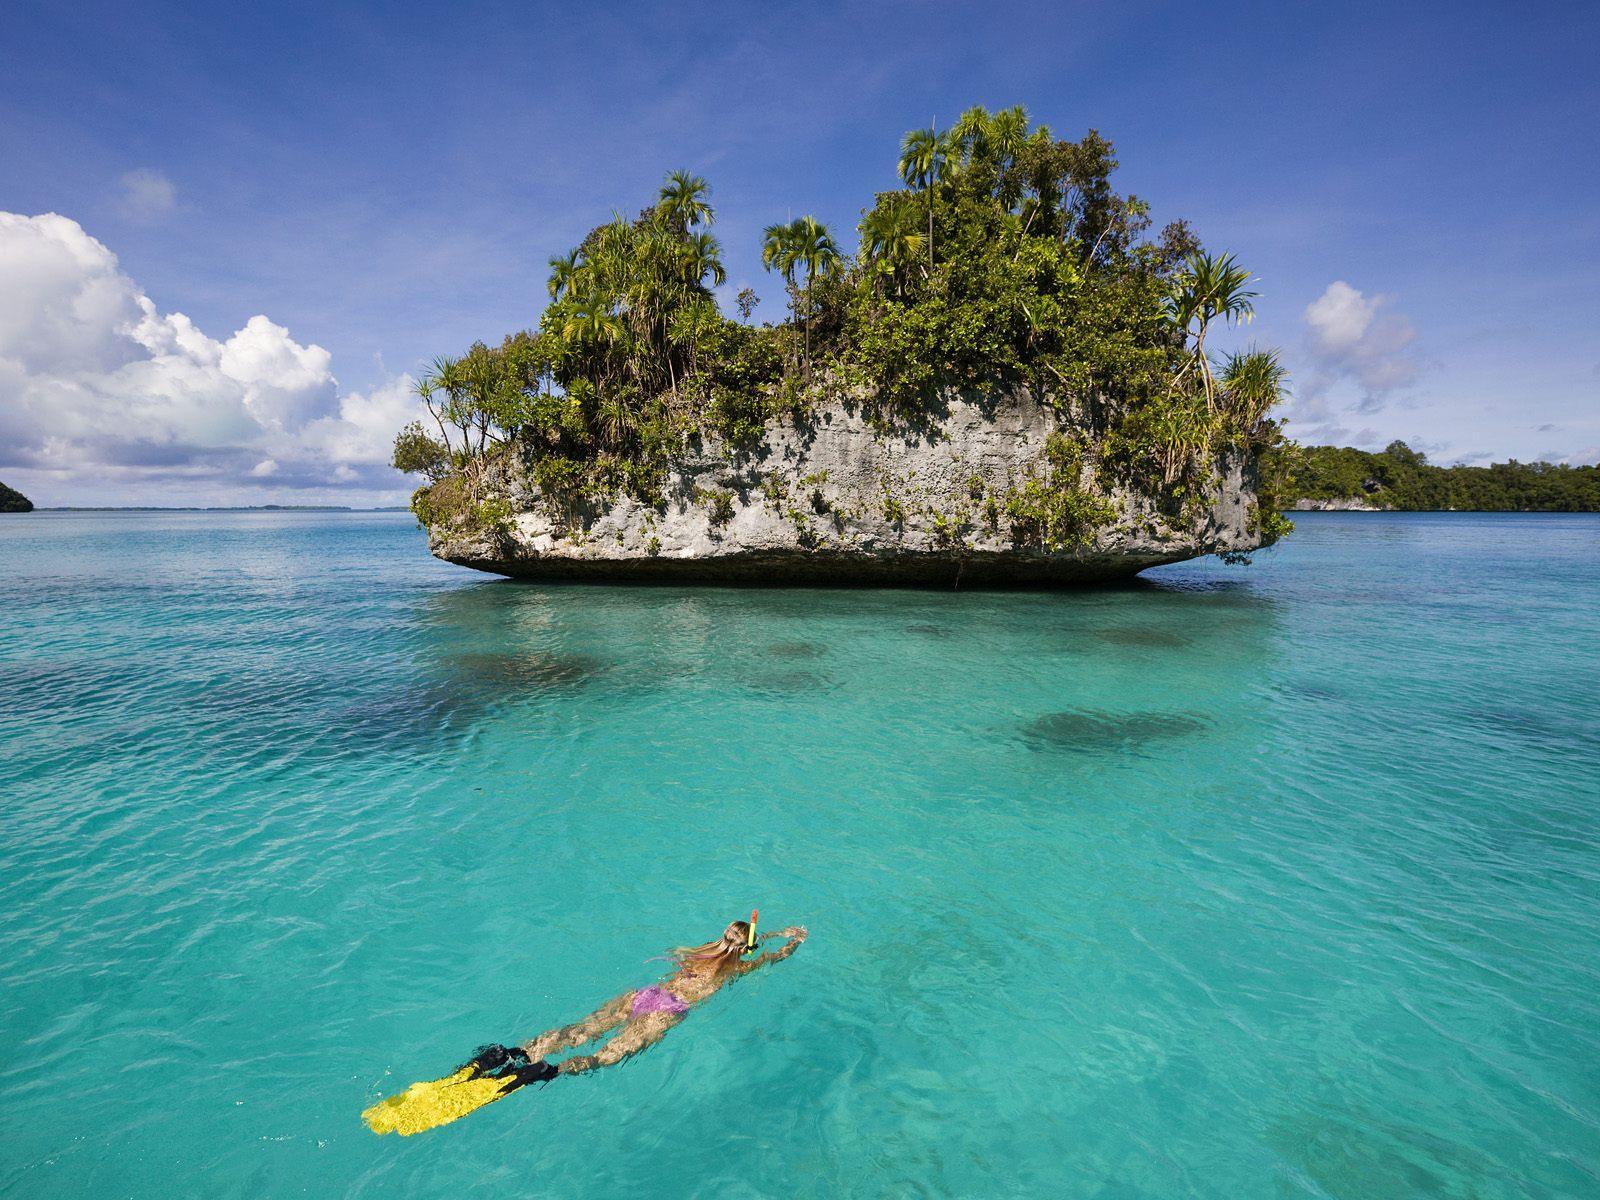 Hình nền máy tính để bàn 1600x1200 Tropical Island Beaches (1600x1200 px)